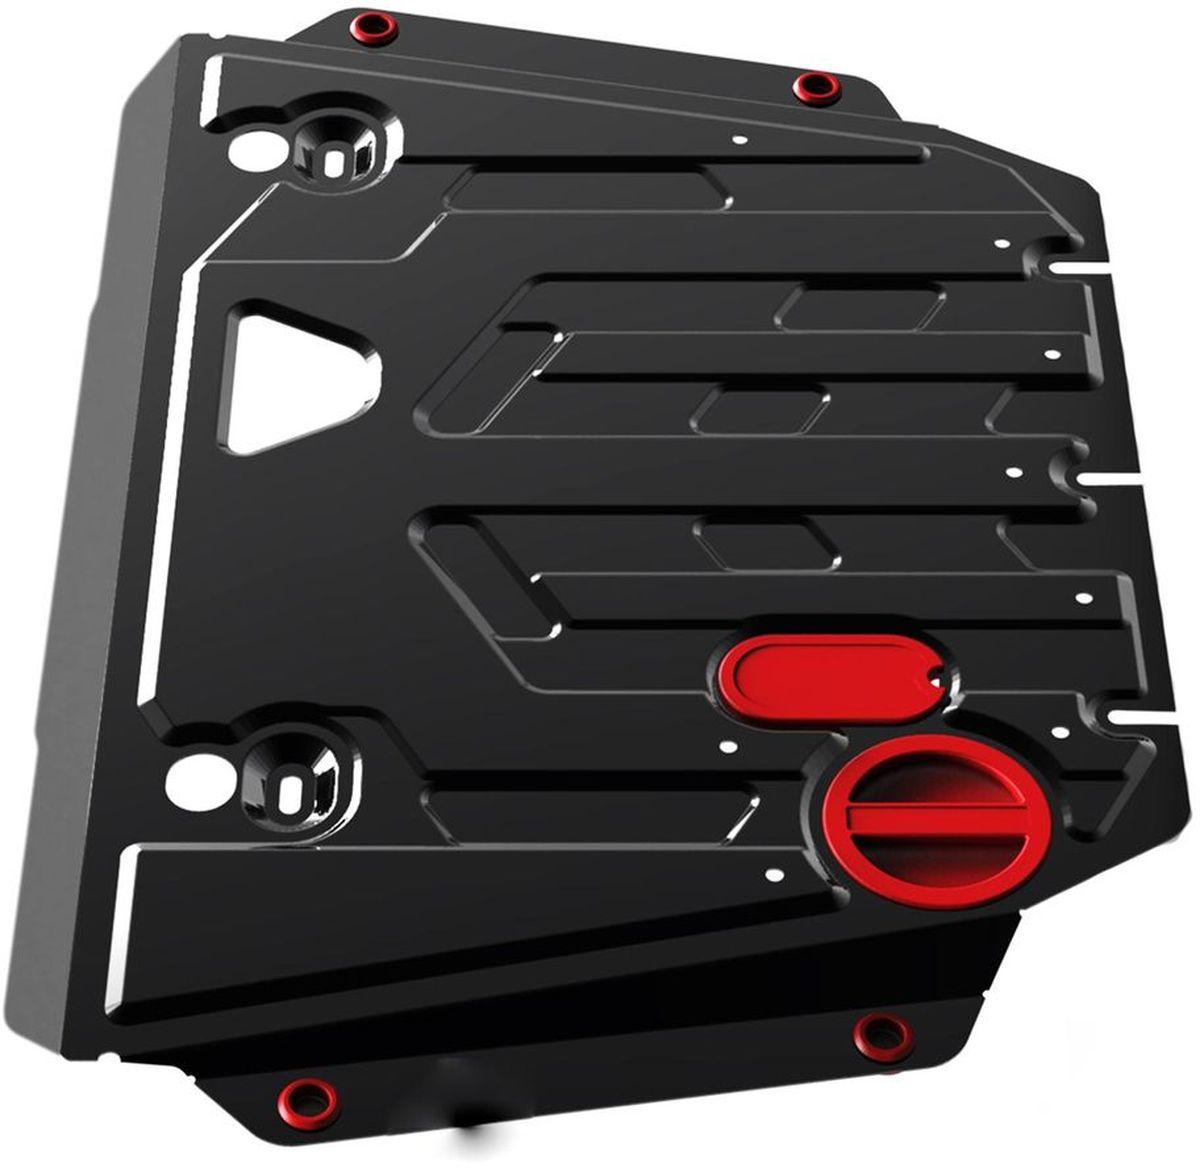 Защита картера и КПП Автоброня Honda Accord VI 1999-2002, сталь 2 мм111.02119.1Защита картера и КПП Автоброня Honda Accord VI 1999-2002, сталь 2 мм, комплект крепежа, 111.02119.1Стальные защиты Автоброня надежно защищают ваш автомобиль от повреждений при наезде на бордюры, выступающие канализационные люки, кромки поврежденного асфальта или при ремонте дорог, не говоря уже о загородных дорогах.- Имеют оптимальное соотношение цена-качество.- Спроектированы с учетом особенностей автомобиля, что делает установку удобной.- Защита устанавливается в штатные места кузова автомобиля.- Является надежной защитой для важных элементов на протяжении долгих лет.- Глубокий штамп дополнительно усиливает конструкцию защиты.- Подштамповка в местах крепления защищает крепеж от срезания.- Технологические отверстия там, где они необходимы для смены масла и слива воды, оборудованные заглушками, закрепленными на защите.Толщина стали 2 мм.В комплекте крепеж и инструкция по установке.Уважаемые клиенты!Обращаем ваше внимание на тот факт, что защита имеет форму, соответствующую модели данного автомобиля. Наличие глубокого штампа и лючков для смены фильтров/масла предусмотрено не на всех защитах. Фото служит для визуального восприятия товара.